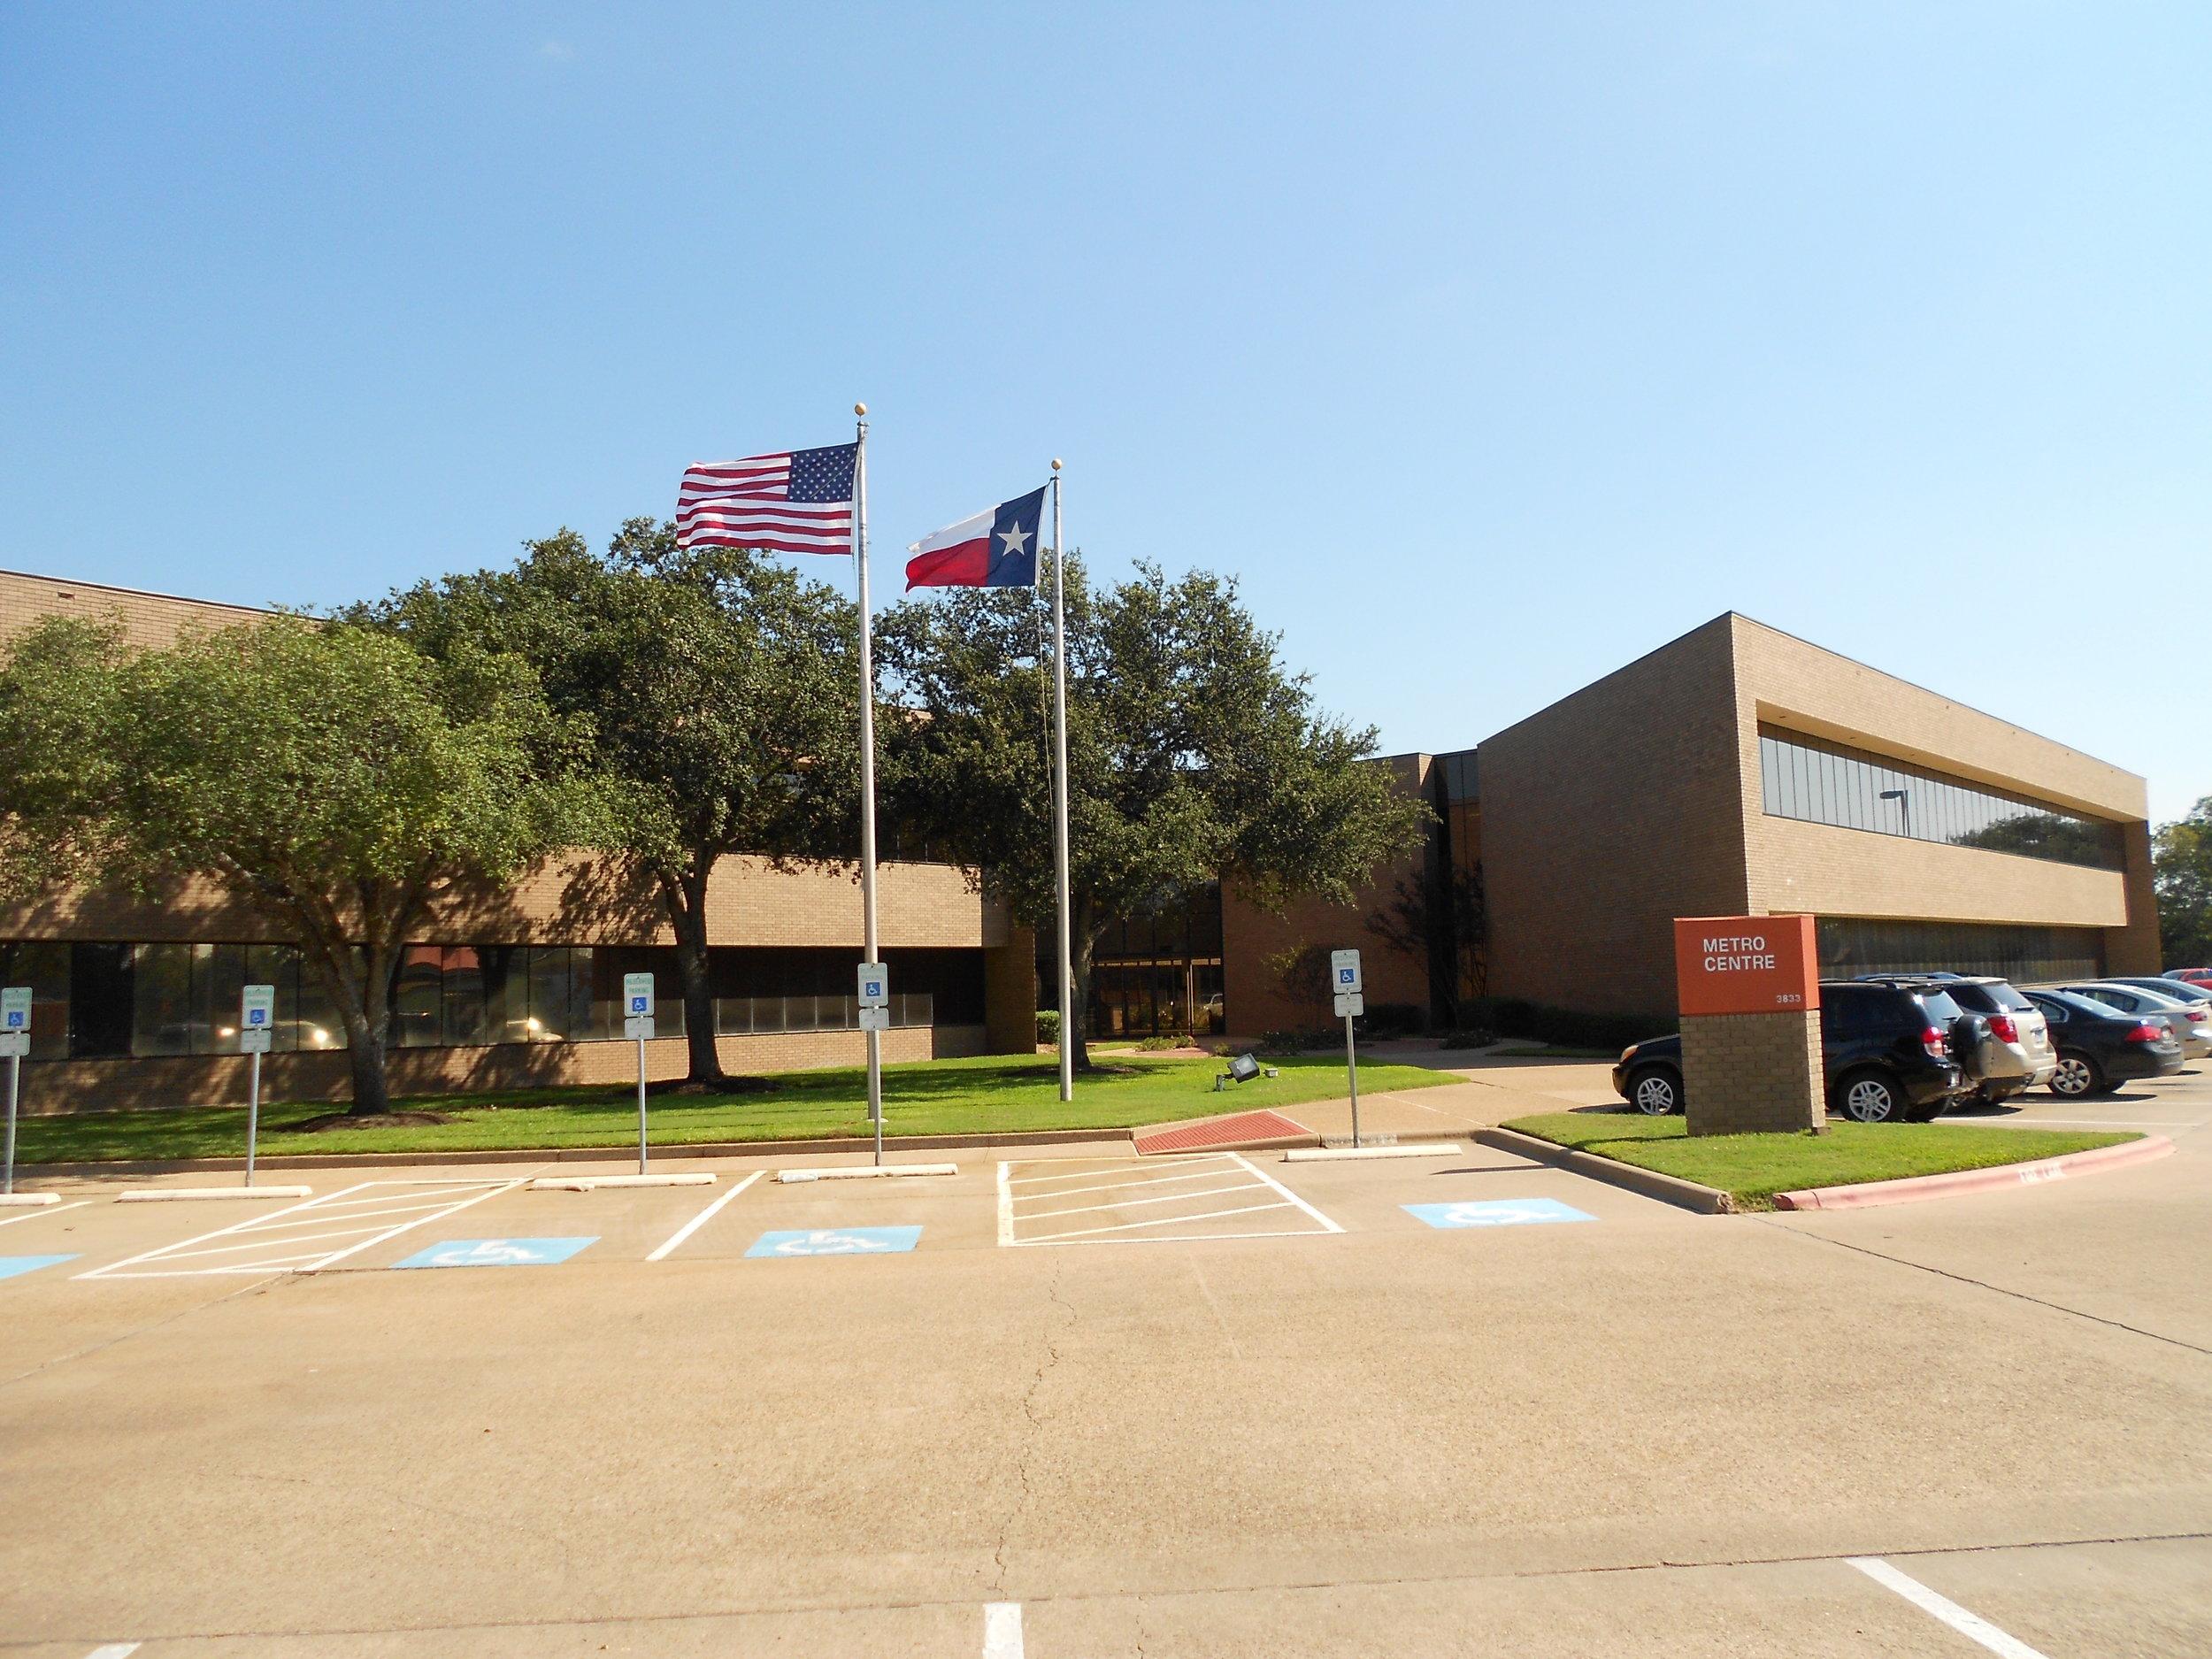 Metro Centre   3833 S TEXAS AVE. bRYAN, TX 77802